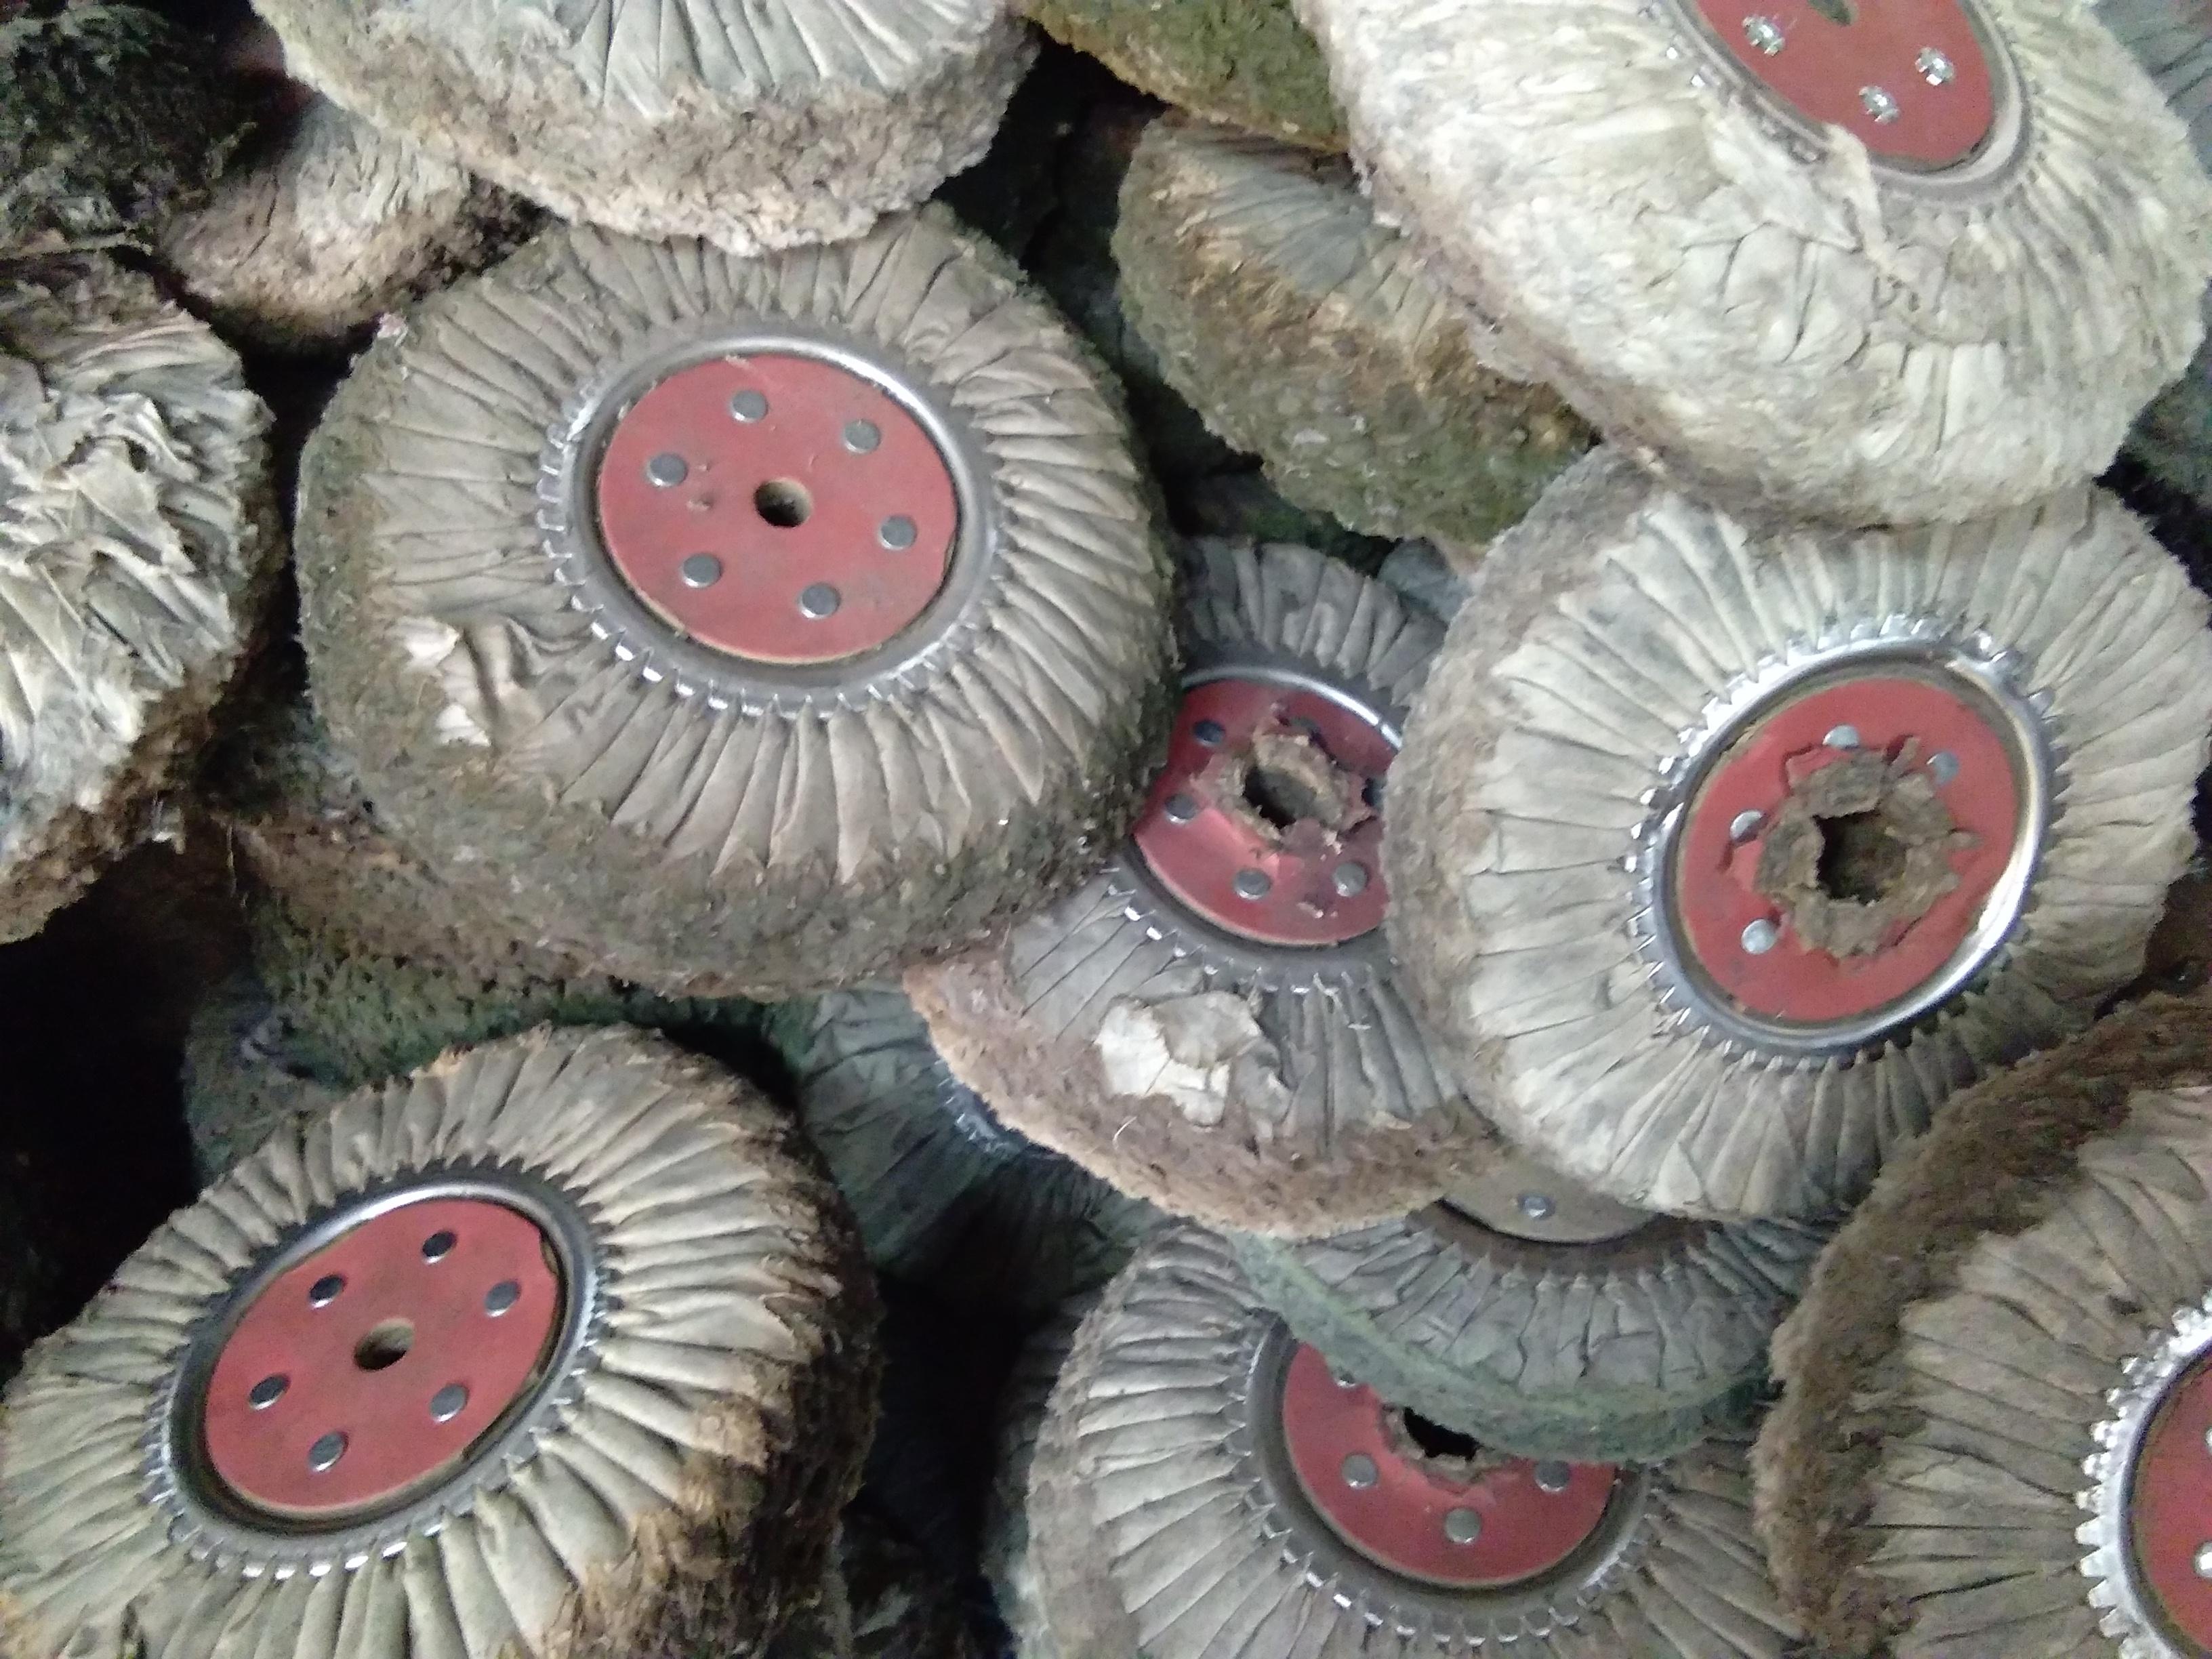 回收二手废旧抛光材料,旧麻轮,旧尼龙轮,旧布轮 回收二手抛光材料,旧尼龙轮